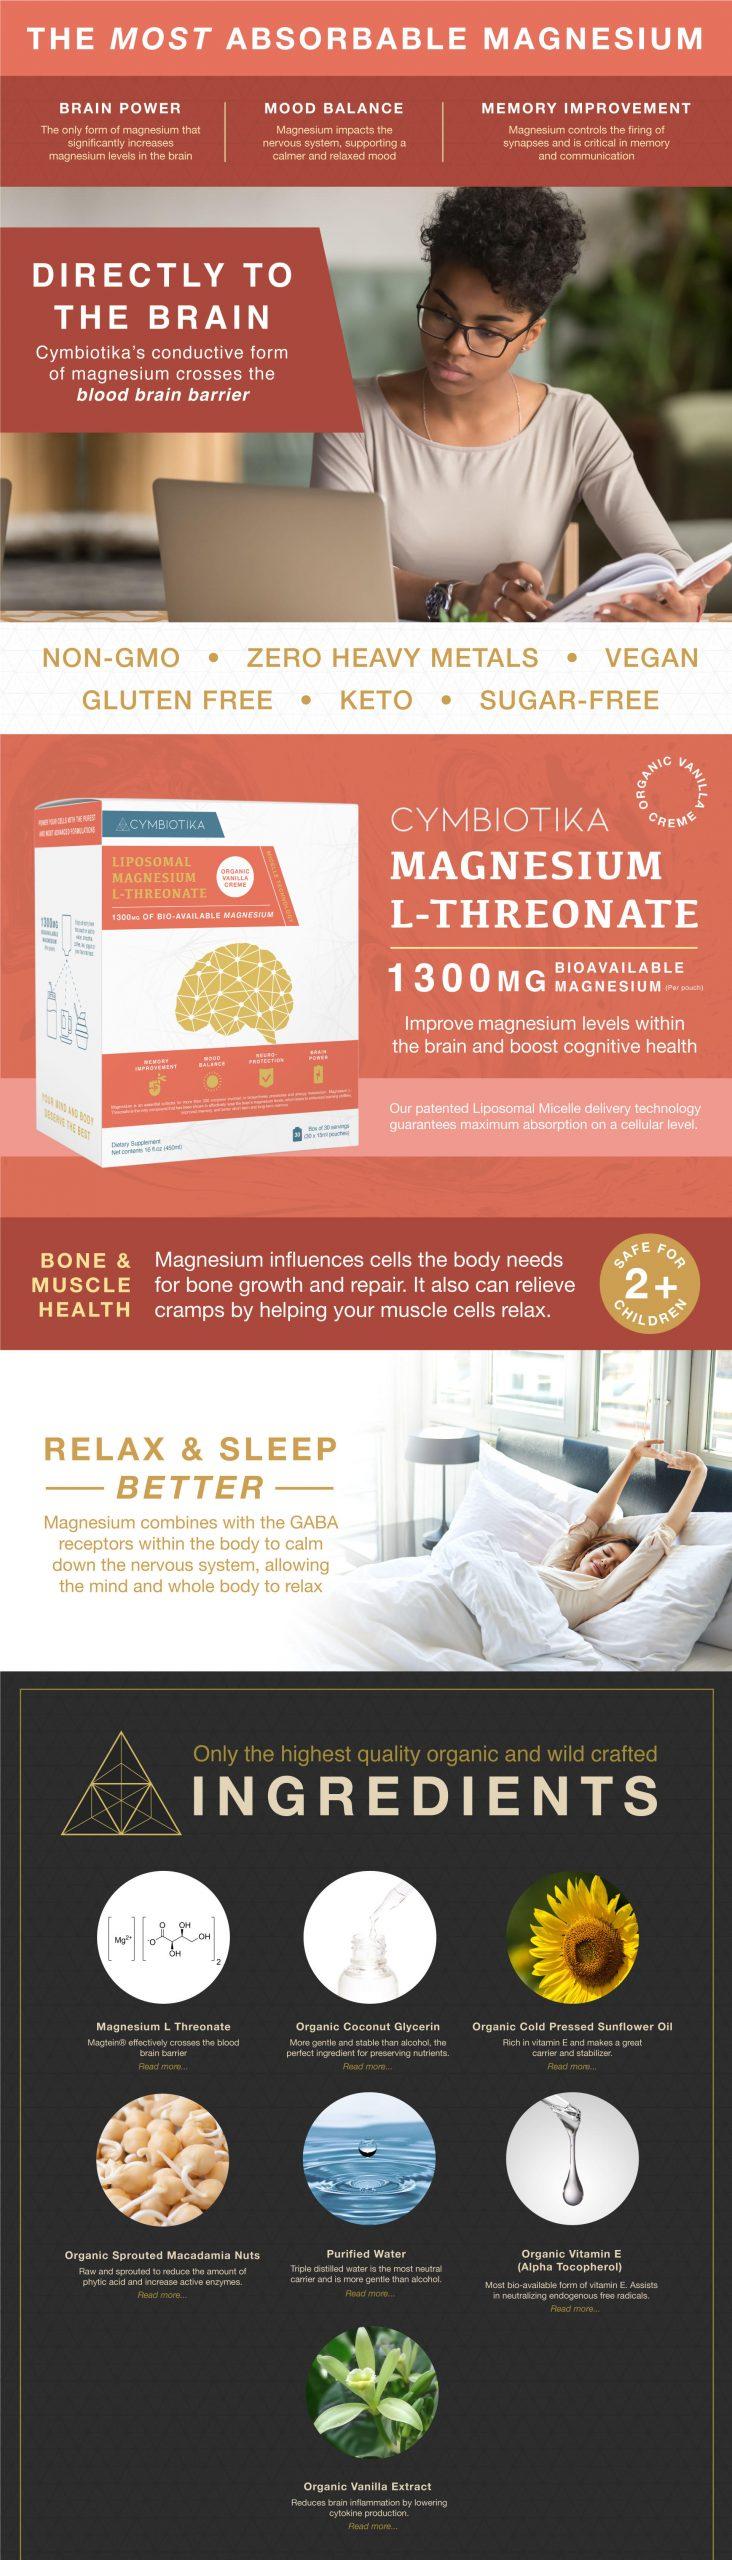 Magnesium L Threonate - Cymbiotika Premium Organic Herbal Supplements